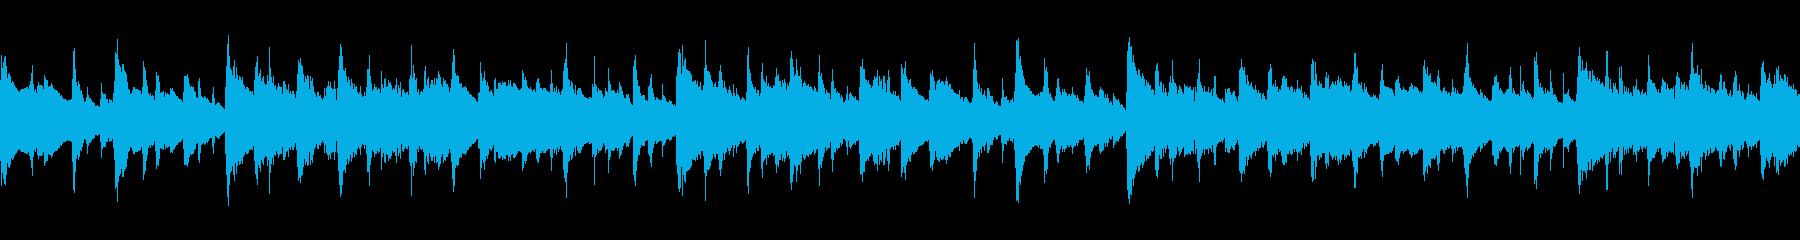 シンプルな感動系のピアノとアコギの伴奏の再生済みの波形